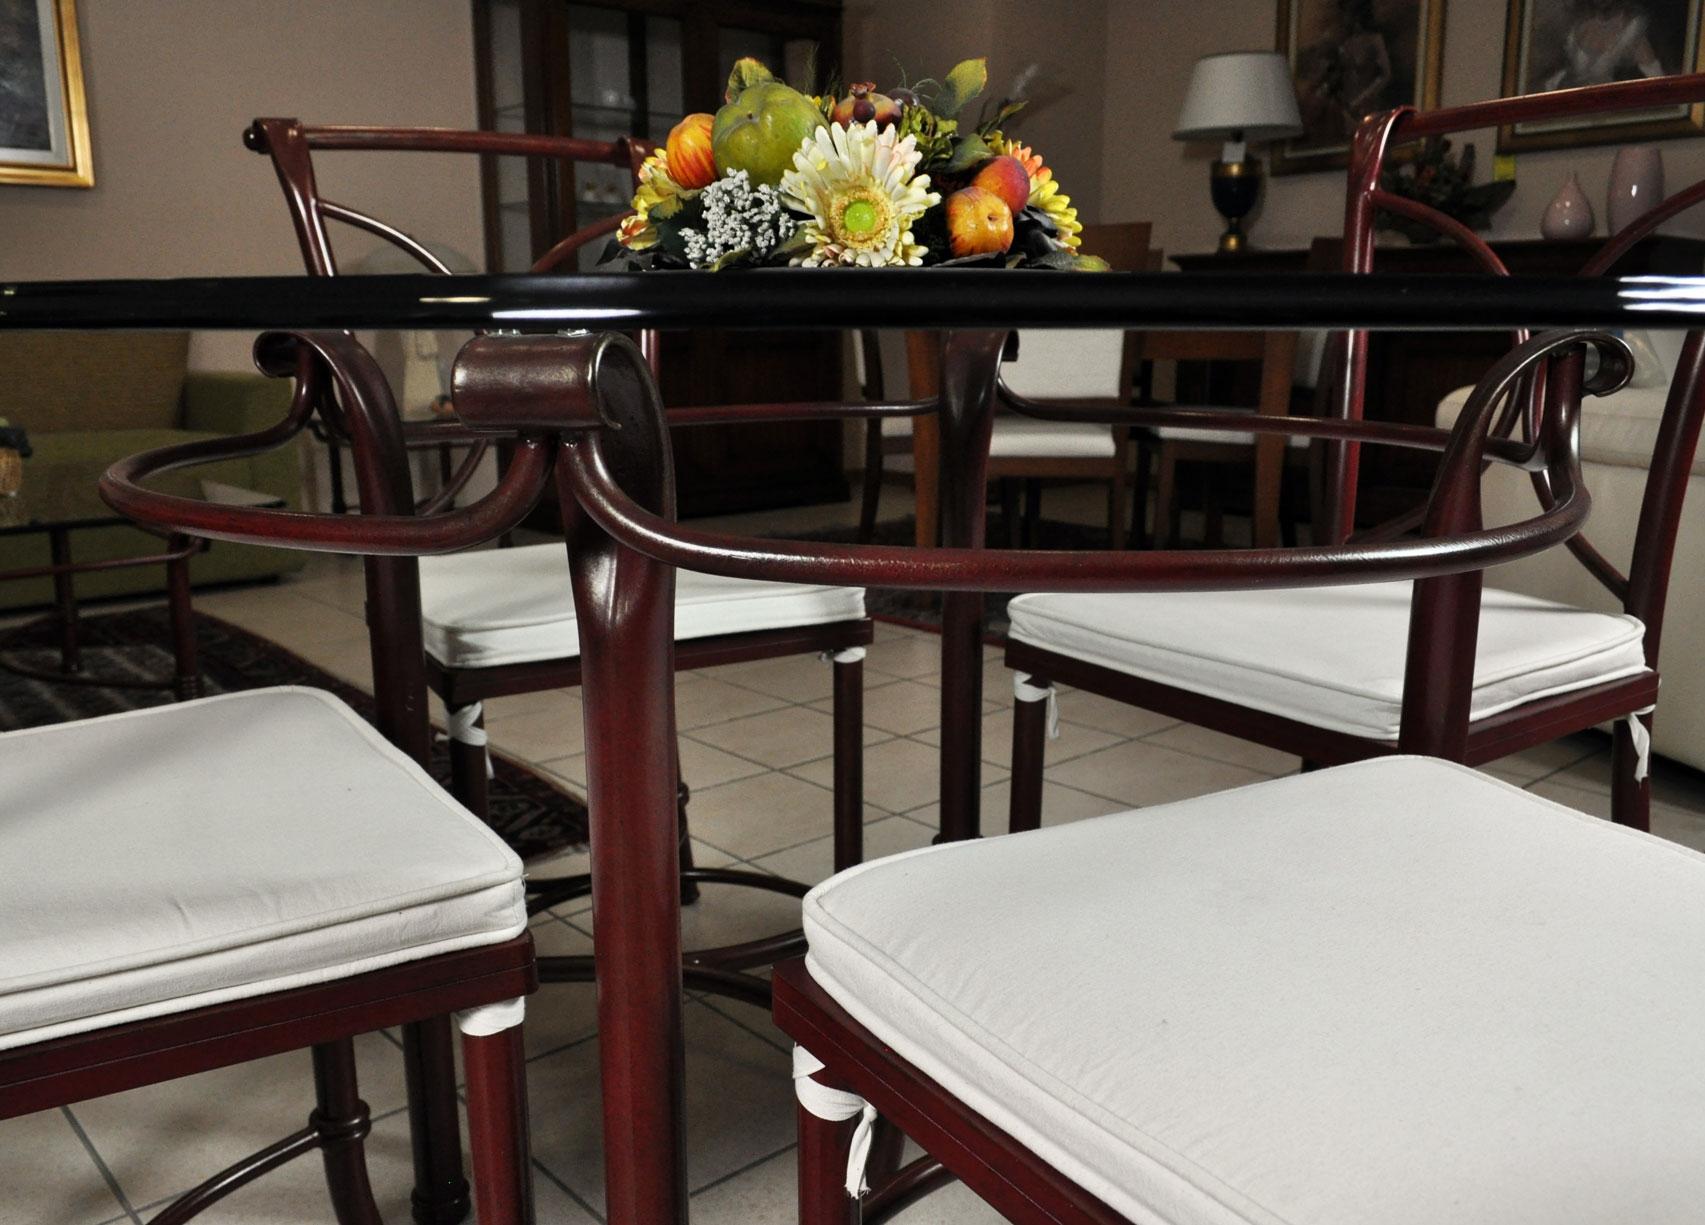 Sedie per tavolo in vetro trendy tavolo da cucina tavolo - Tavoli da pranzo ferro battuto e vetro ...